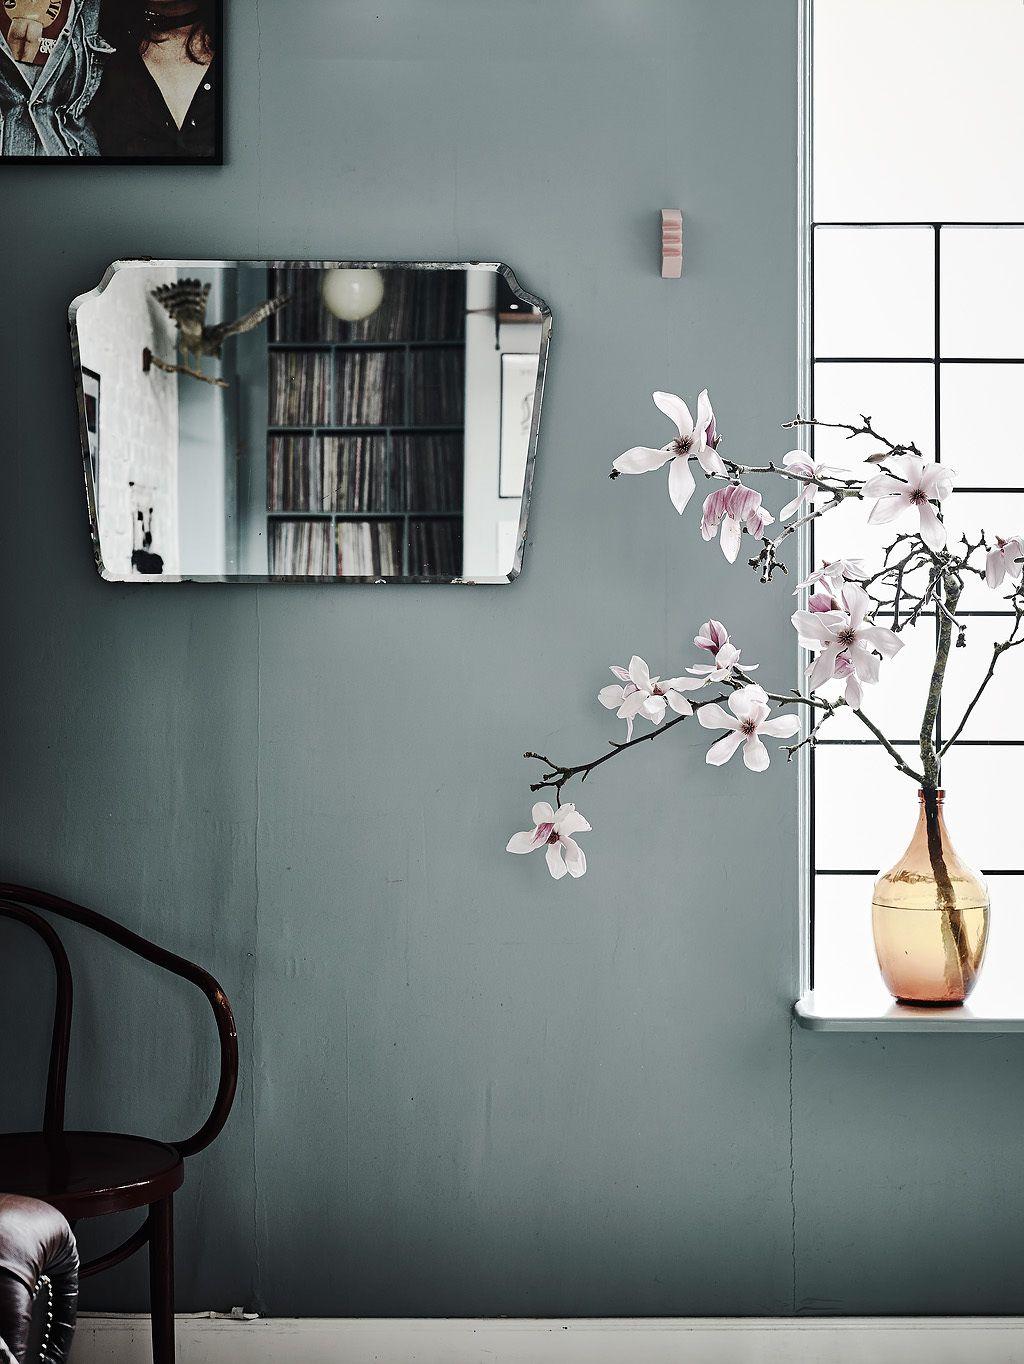 specchio 4 | Soggiorno eclettico, Specchi vintage, Casa ...